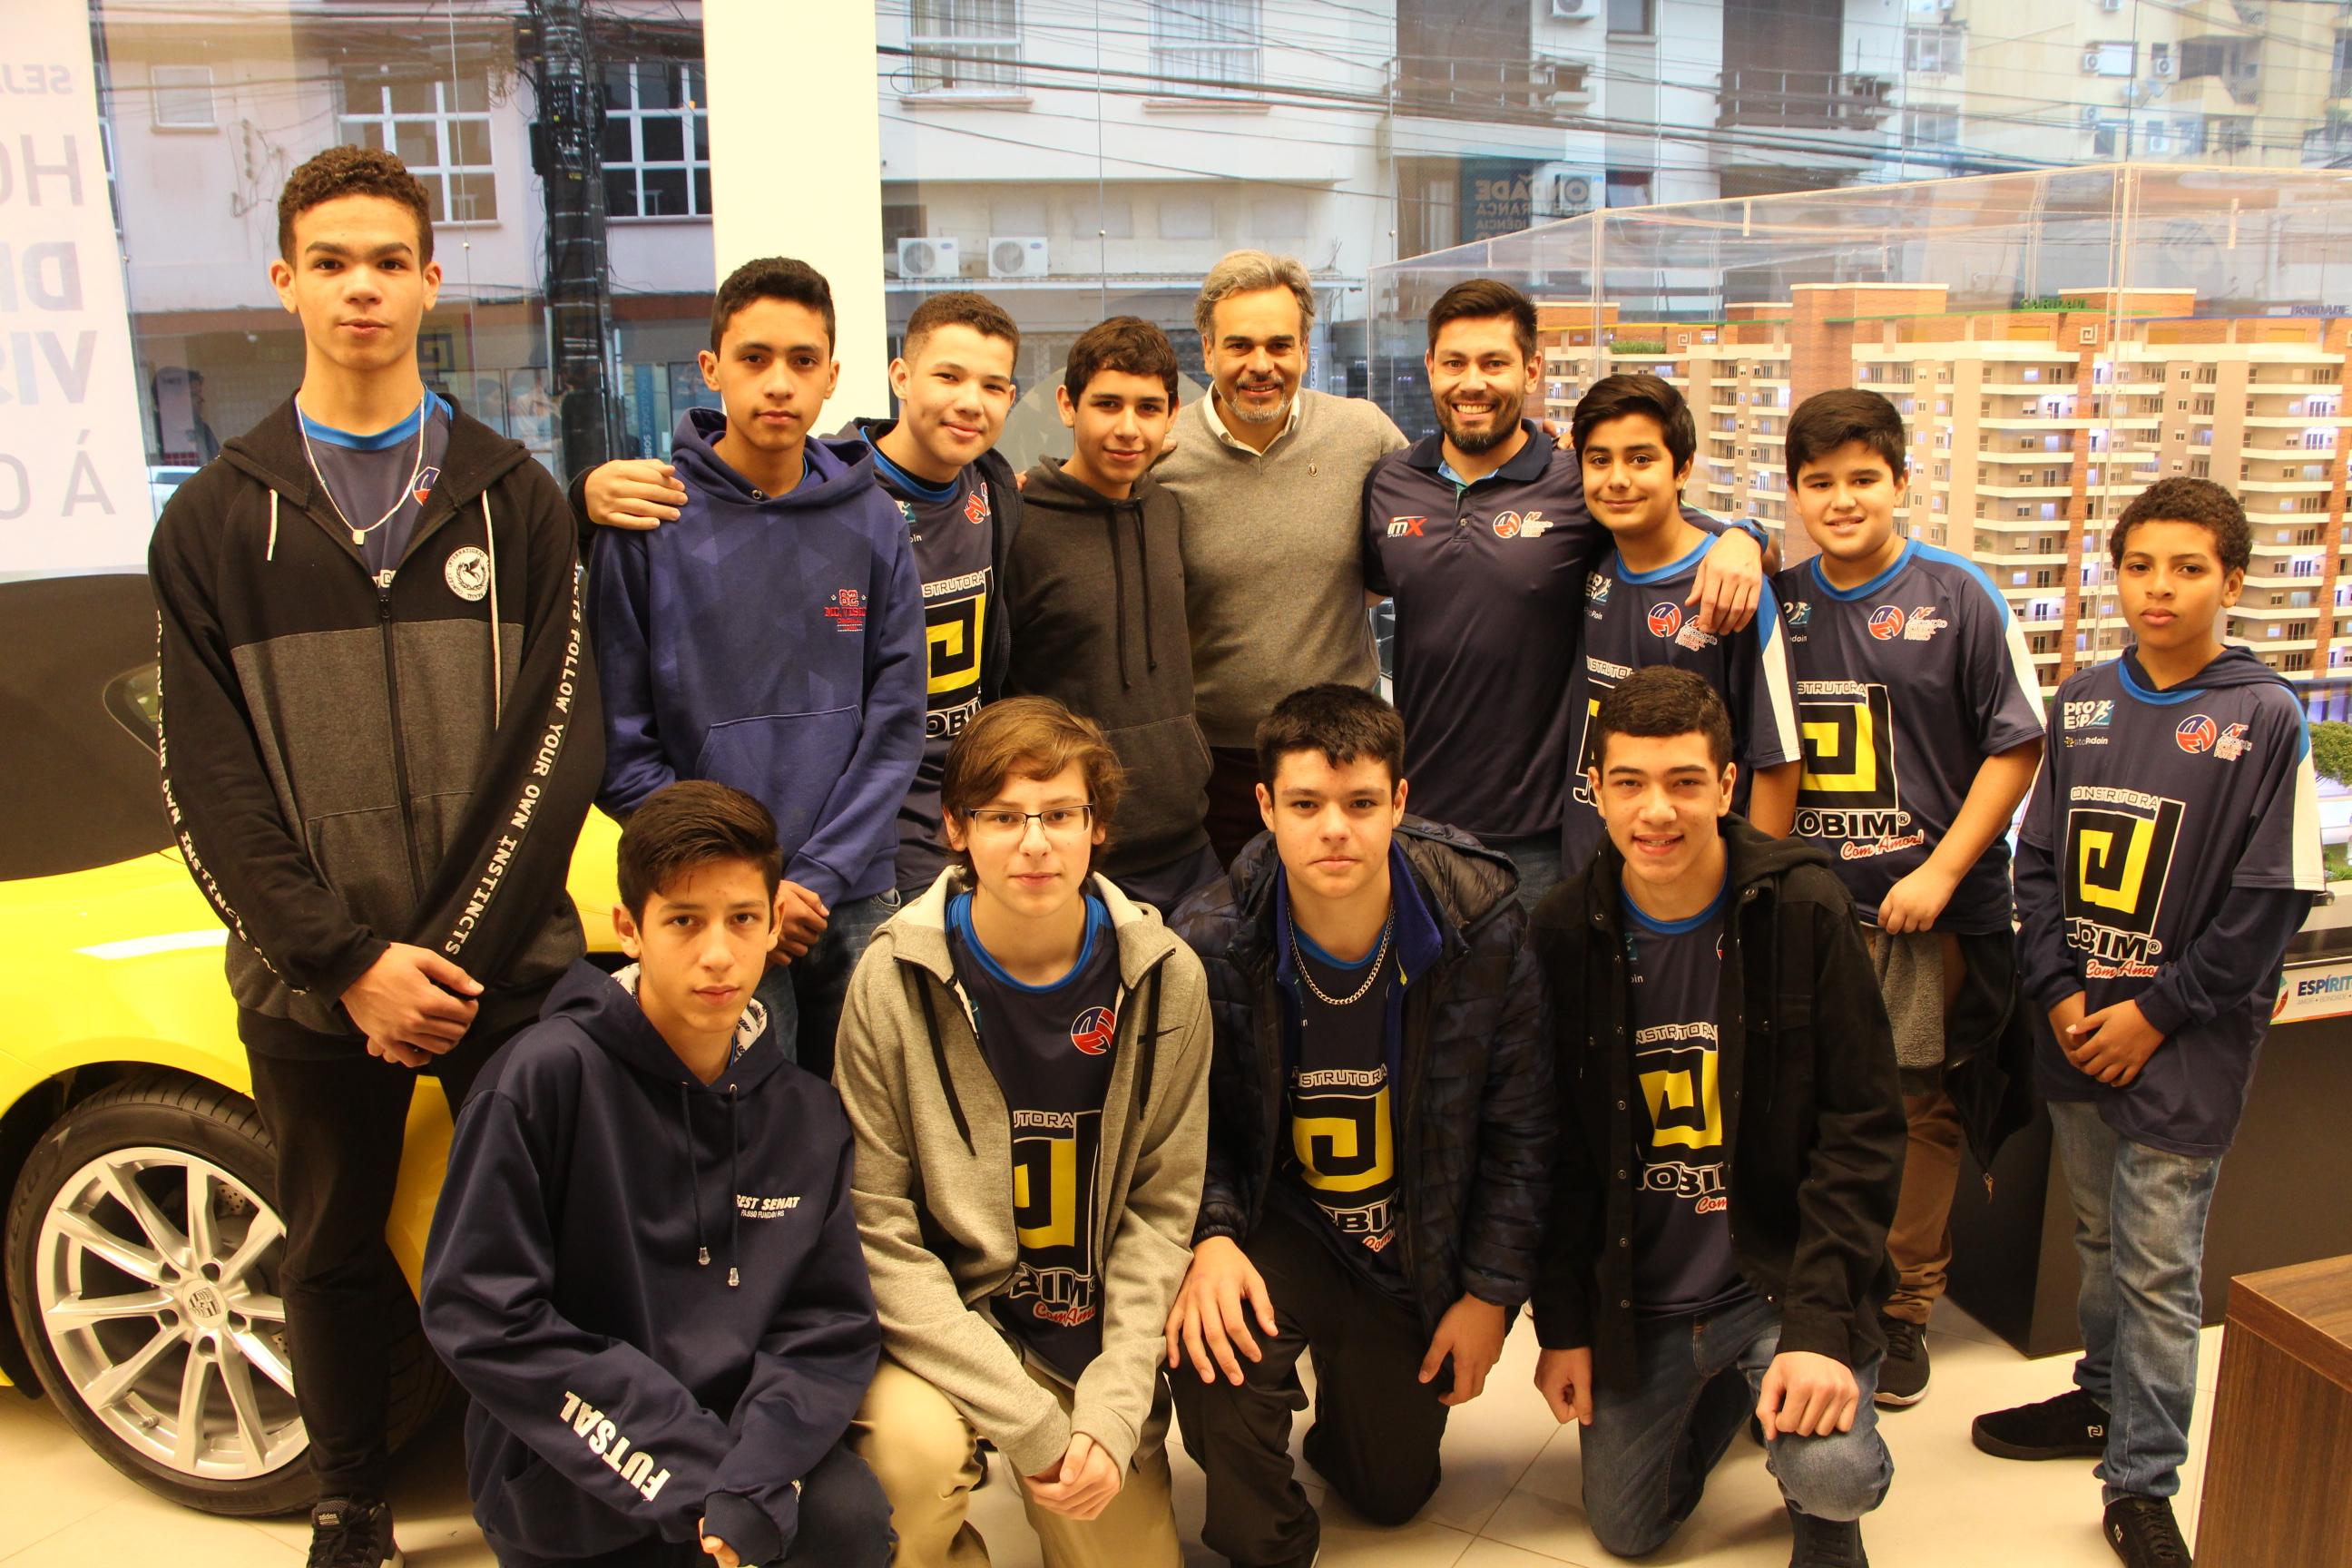 Café da manhã com visita à obra da Torre Bondade do Empreendimento Espírito Santo com a participação das equipes de vôlei.